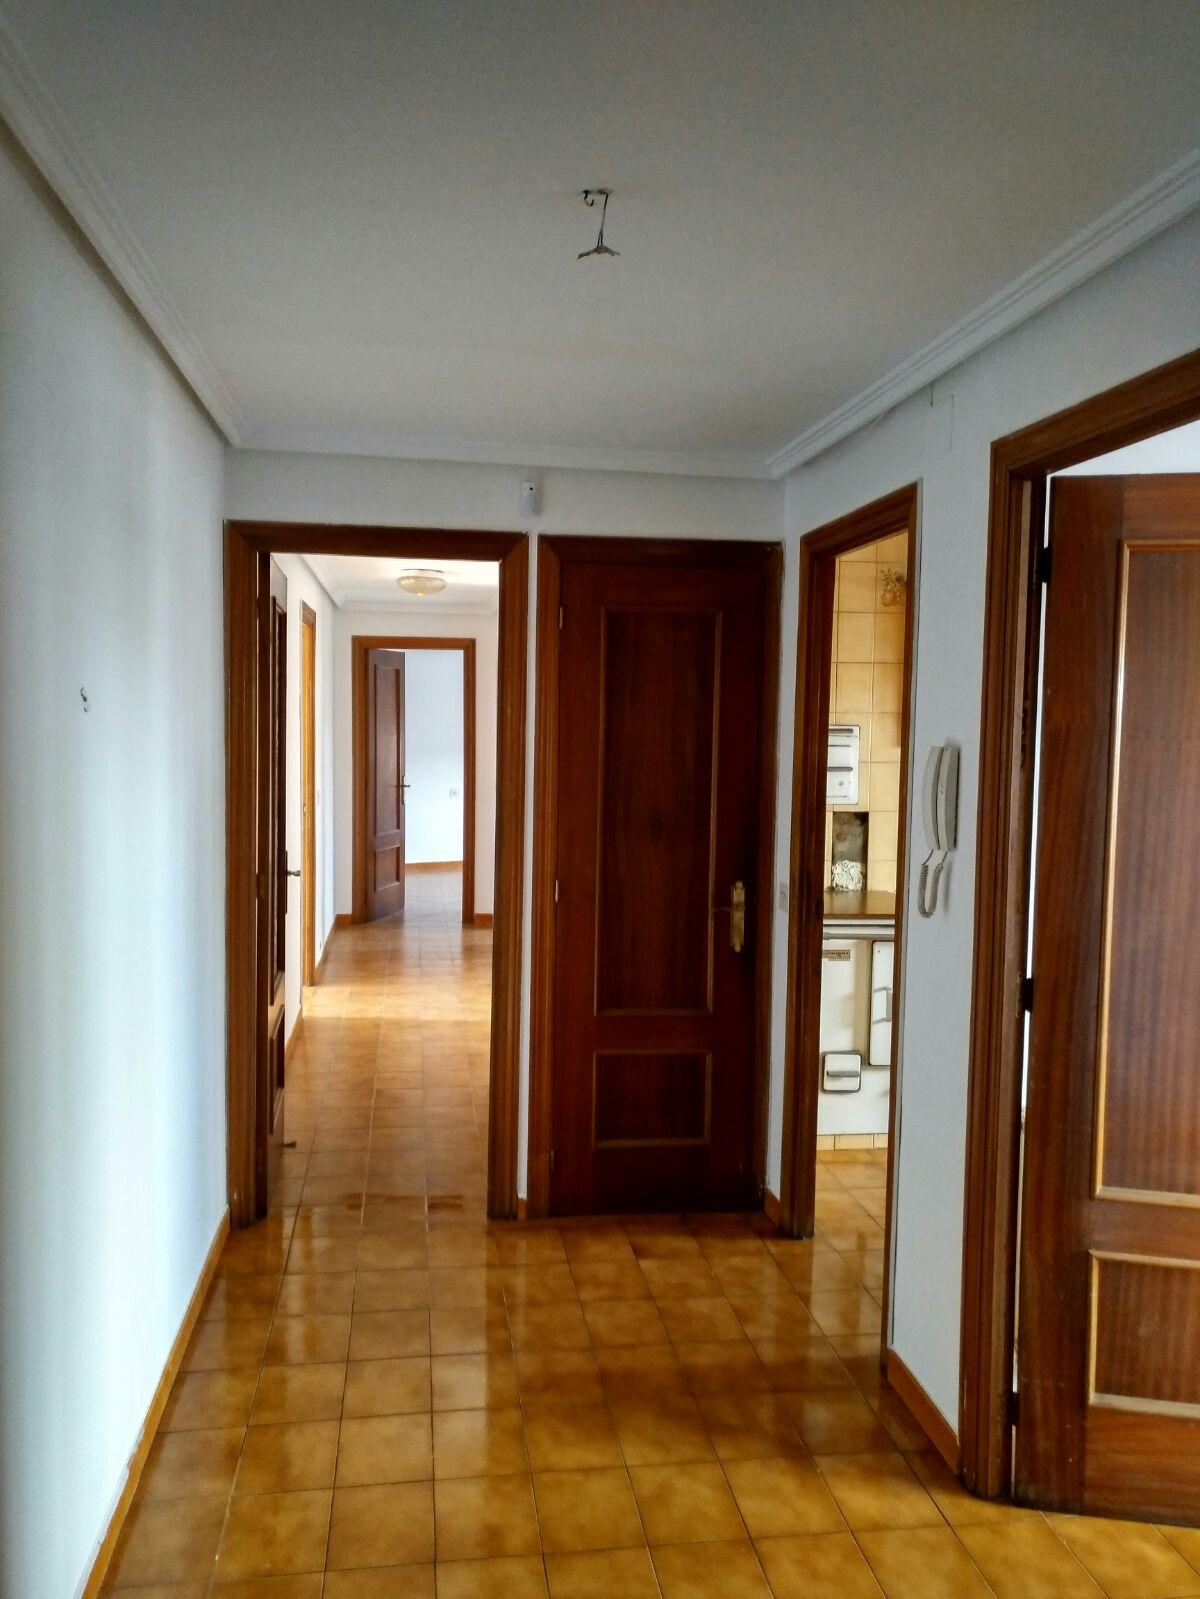 Piso en venta en Bembibre, León, Avenida El Bierzo, 49.000 €, 3 habitaciones, 2 baños, 103 m2